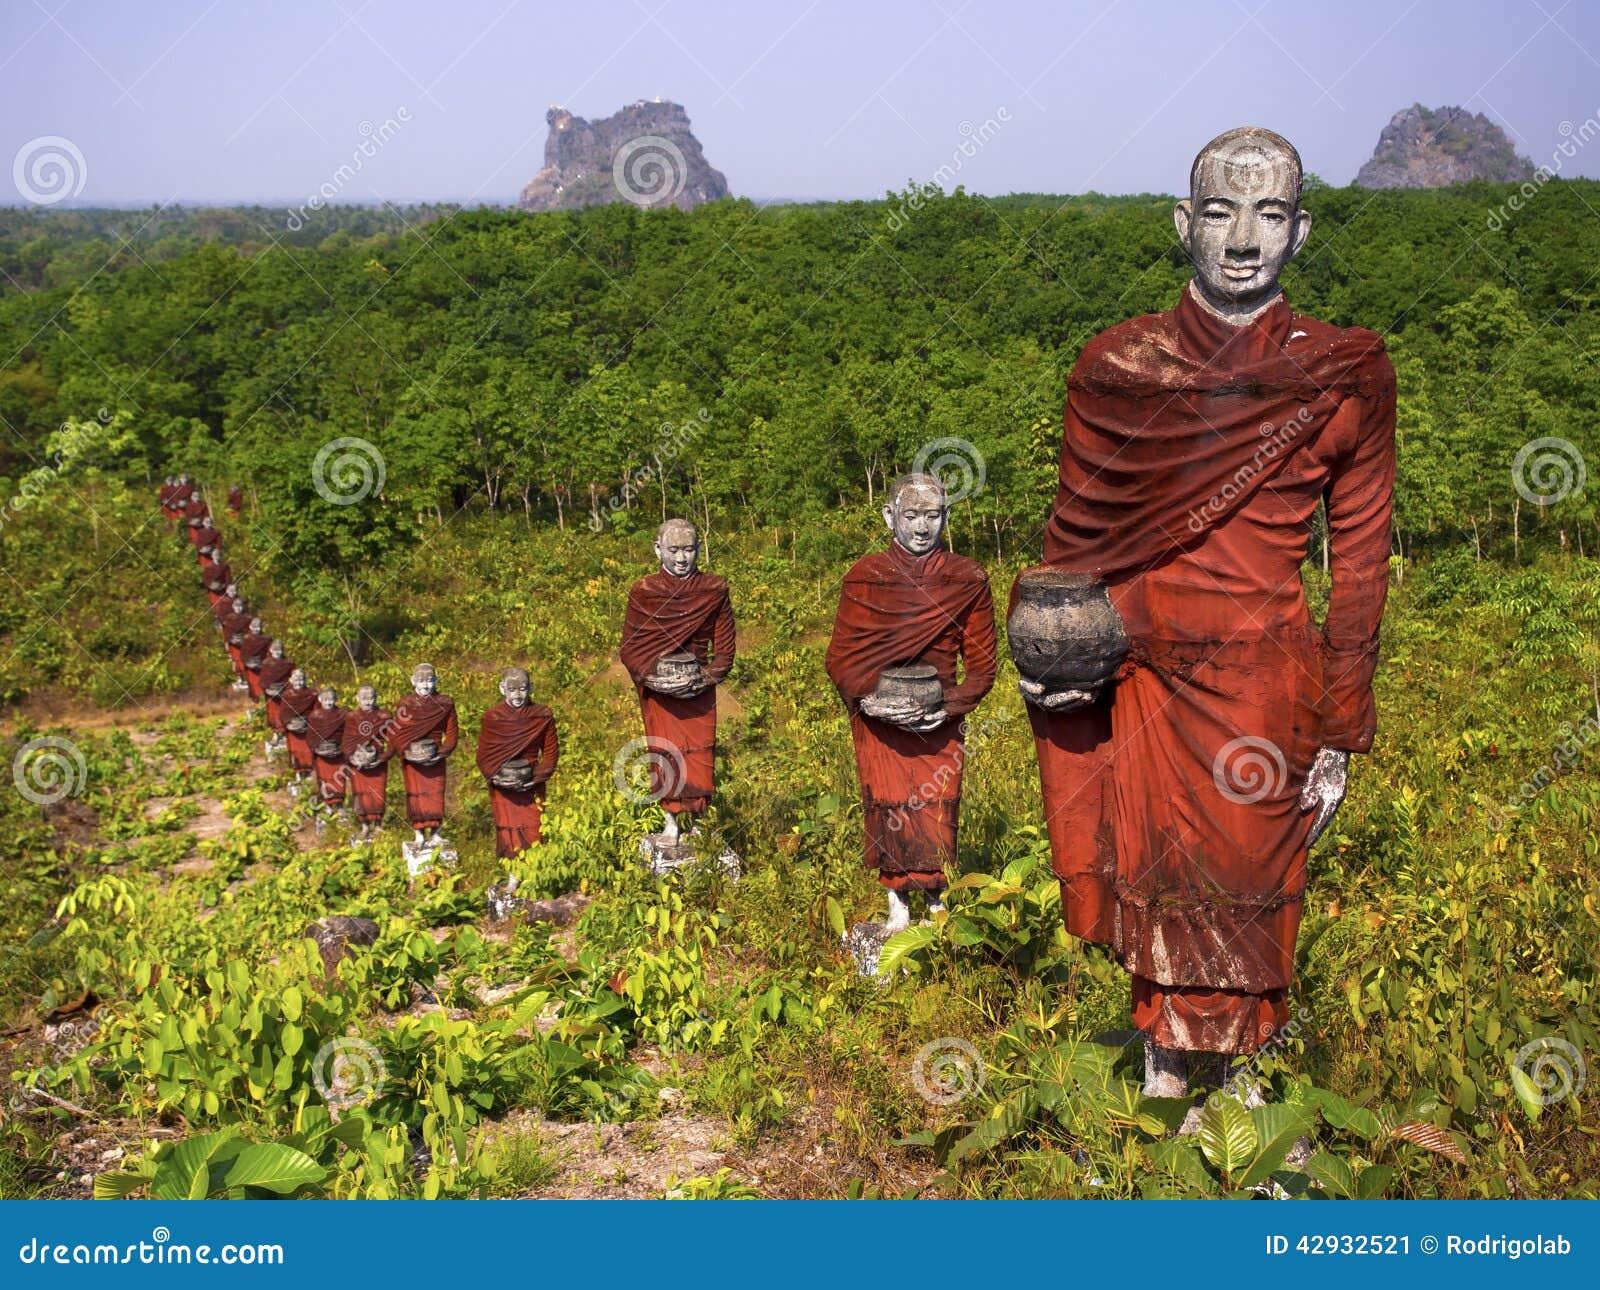 Estatuas de monjes budistas en el bosque, Mawlamyine, Myanmar